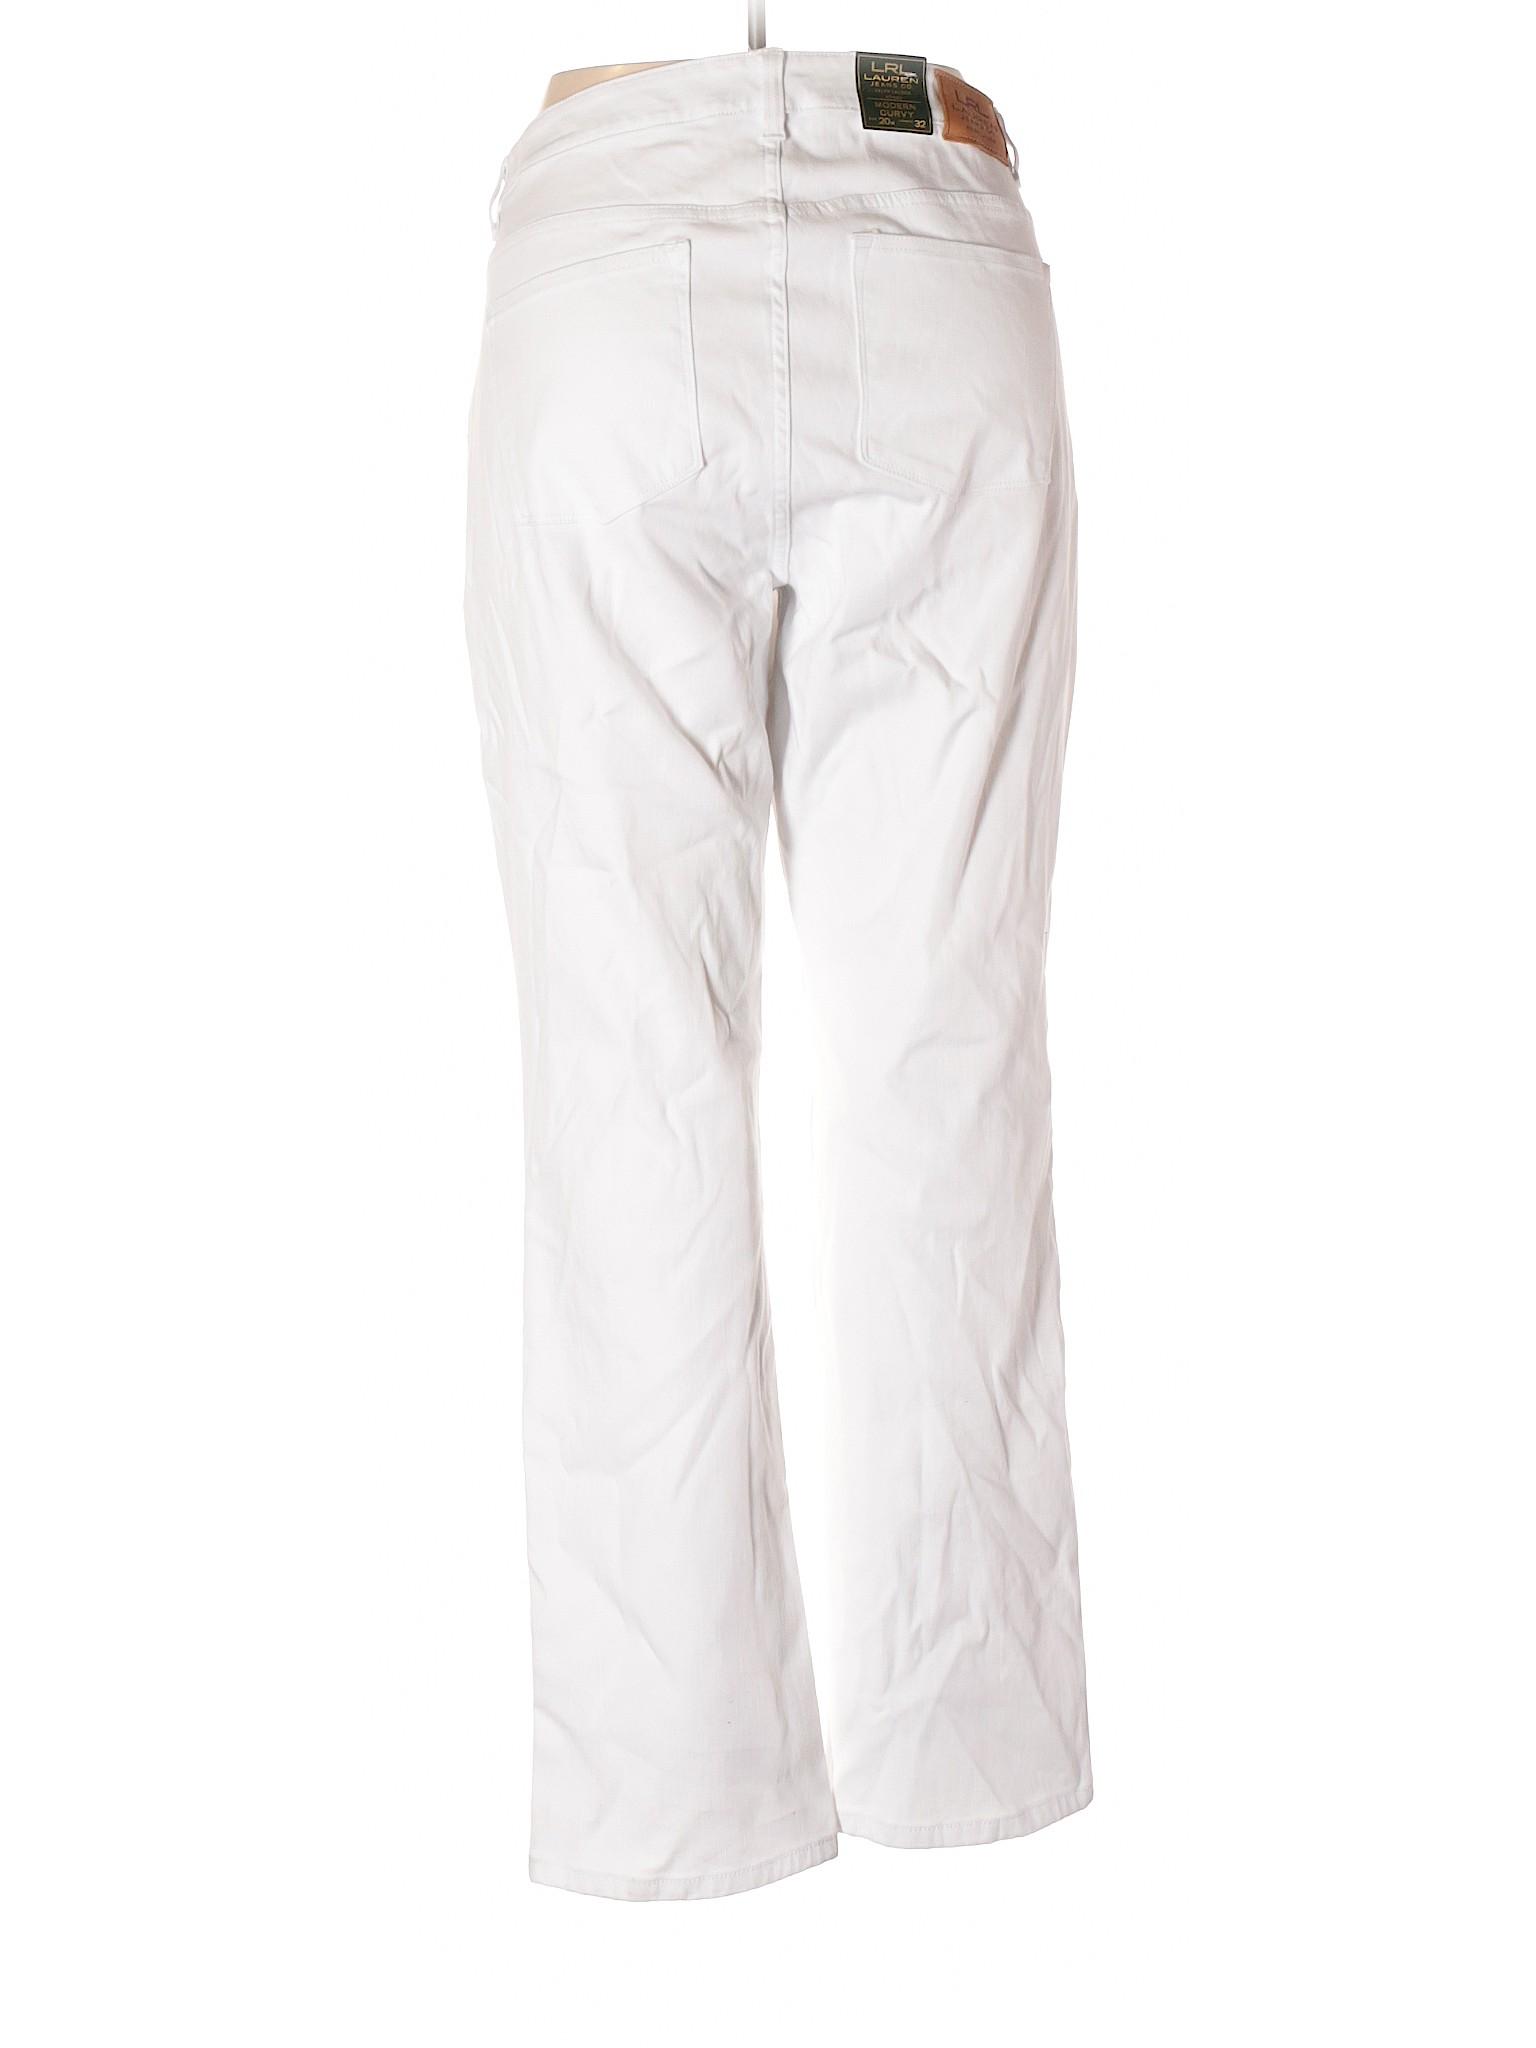 Promotion Jeans Promotion jO0fcXheic Lauren Lauren jO0fcXheic Jeans Promotion Lauren Jeans rxg4rIF